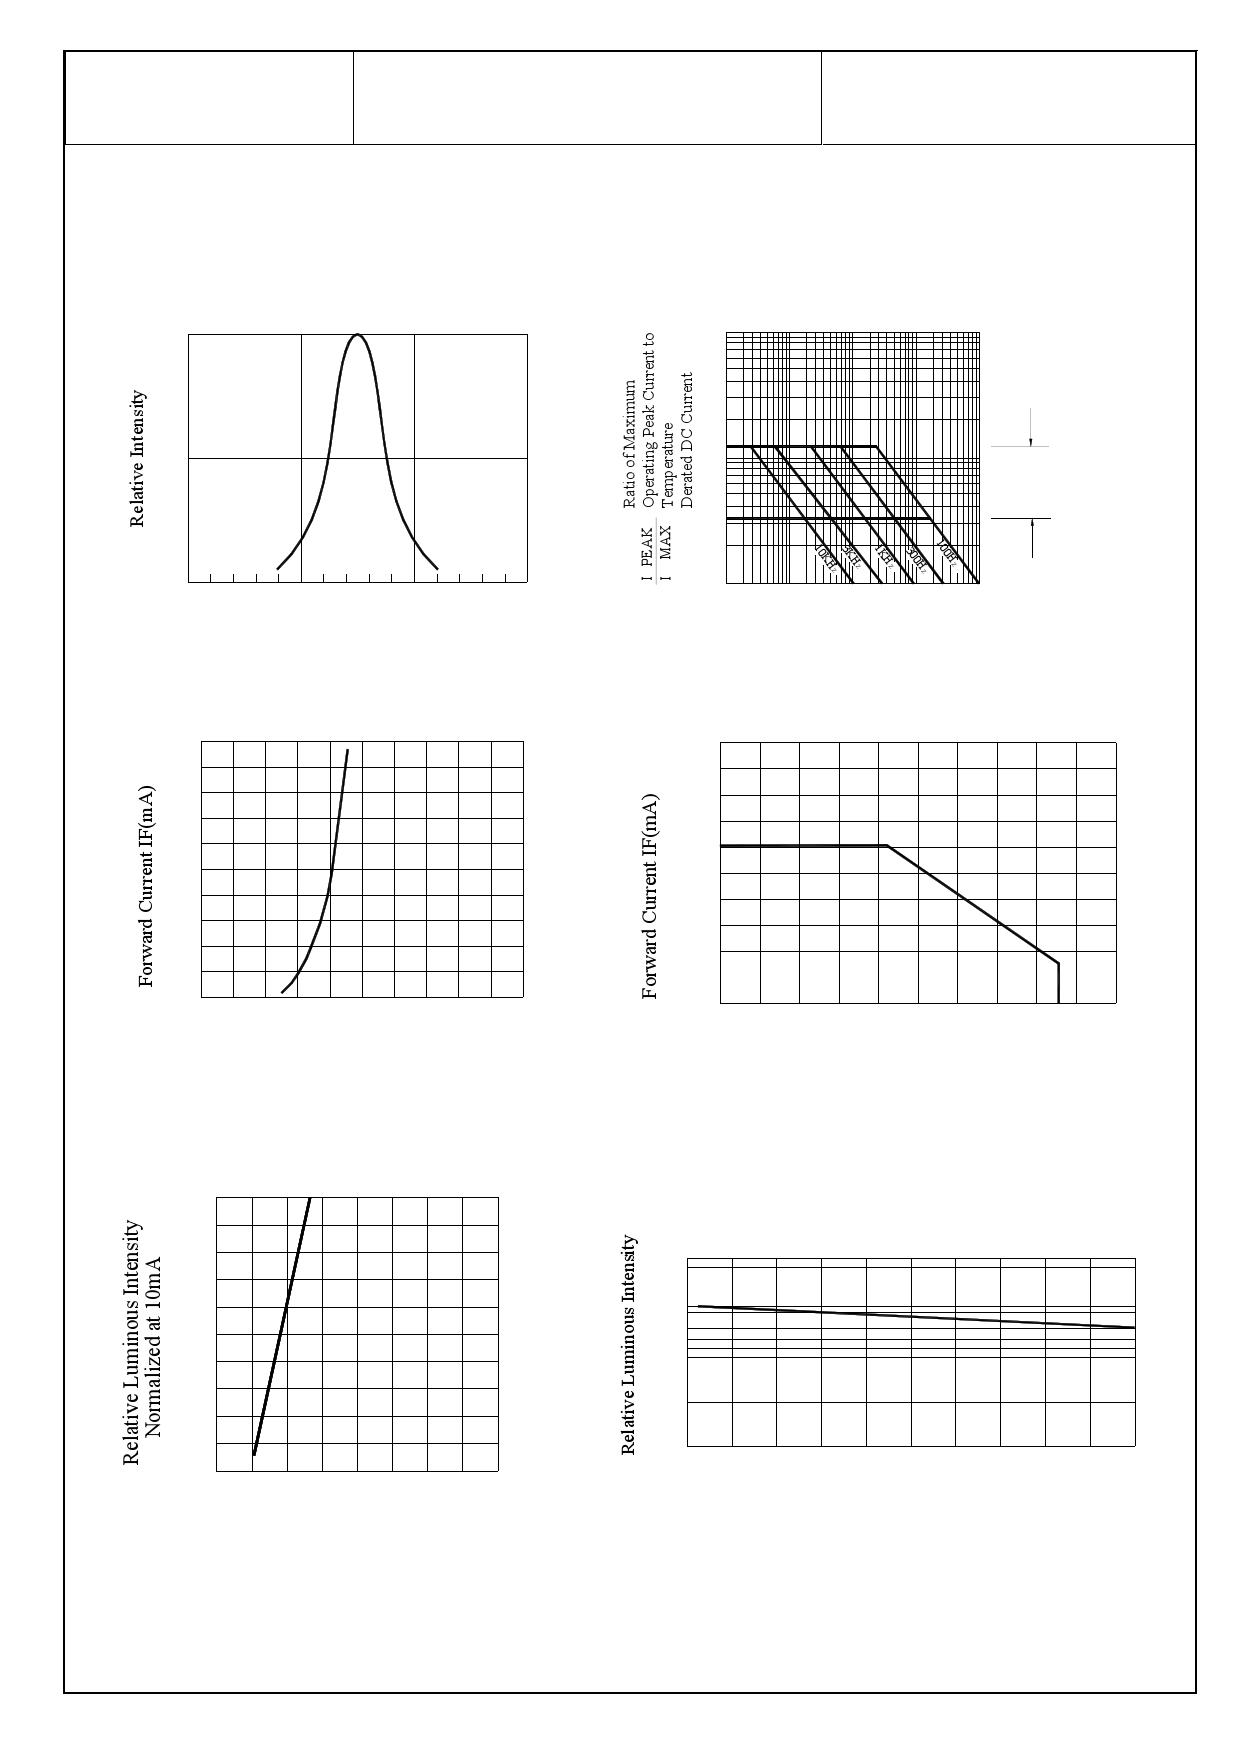 LC3171-61-M1 pdf